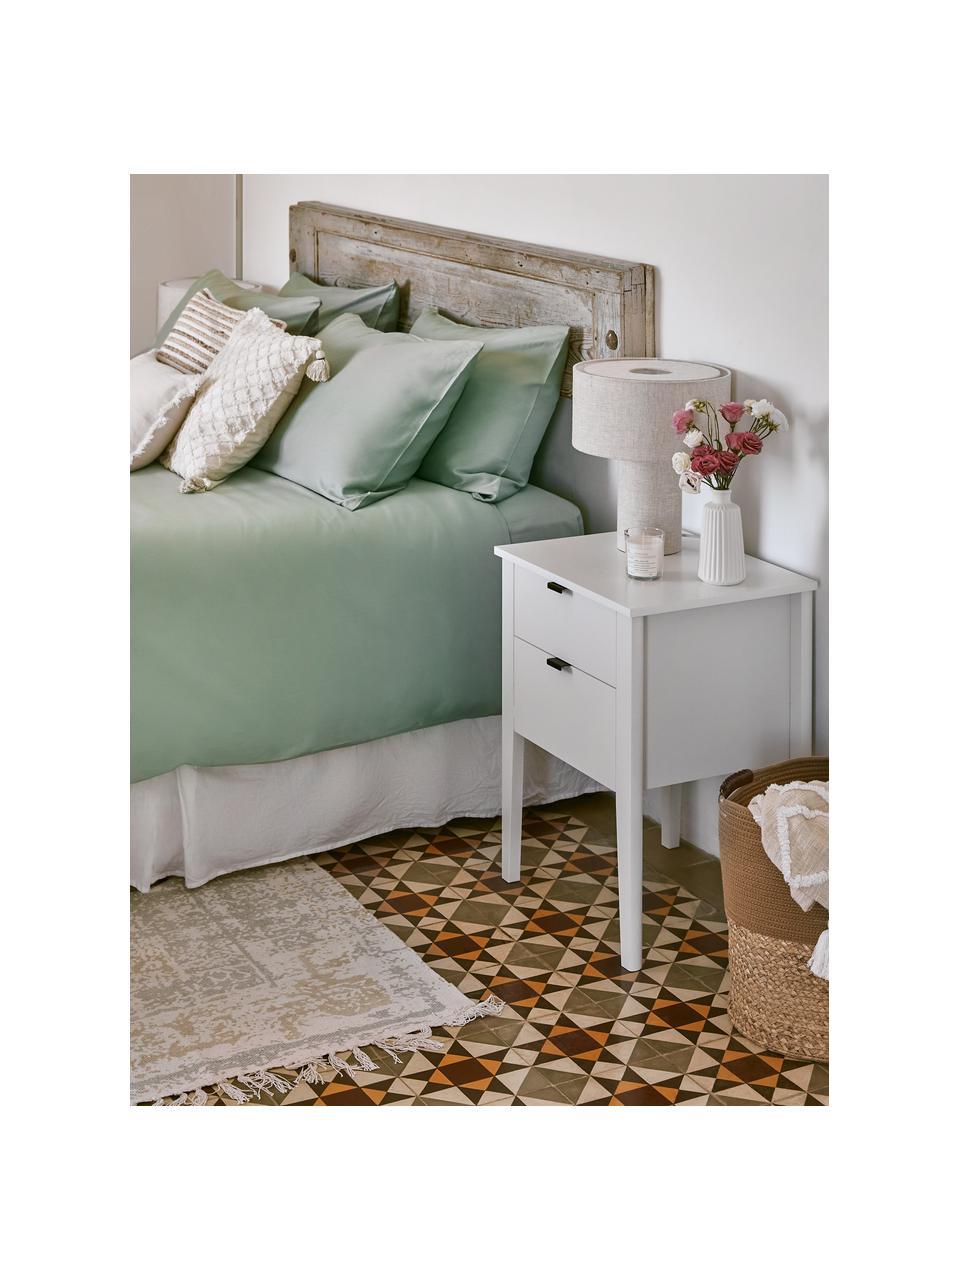 Handgeweven katoenen vloerkleed Jasmine in beige/blauw in vintage stijl, Beige, blauw, B 70 x L 140 cm (maat XS)